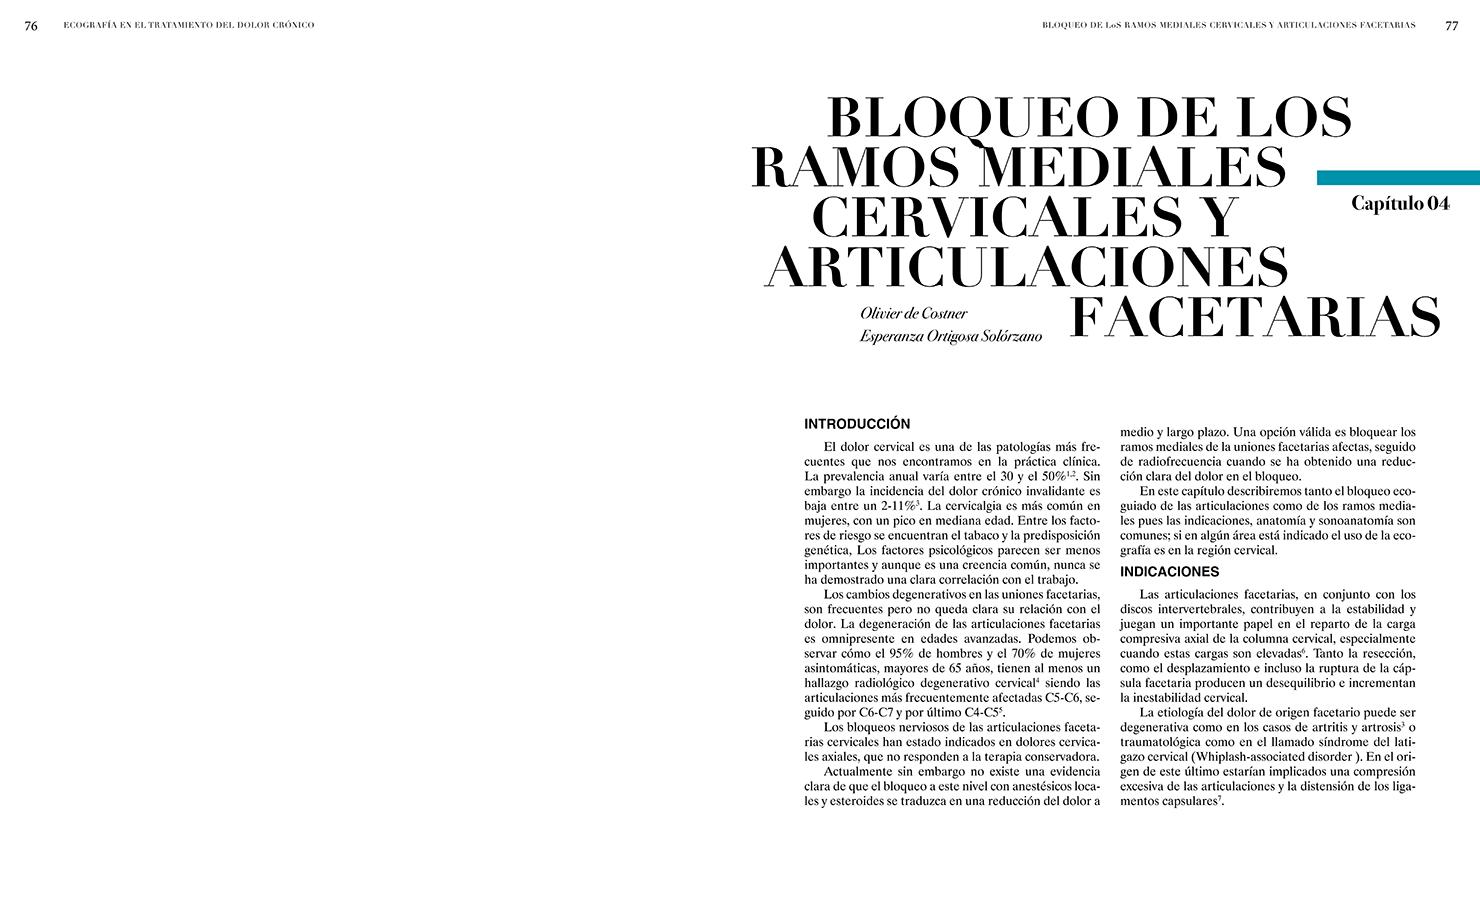 BLOQUEO RAMOS MEDIALES CERVICALES Y ARTICULACIONES